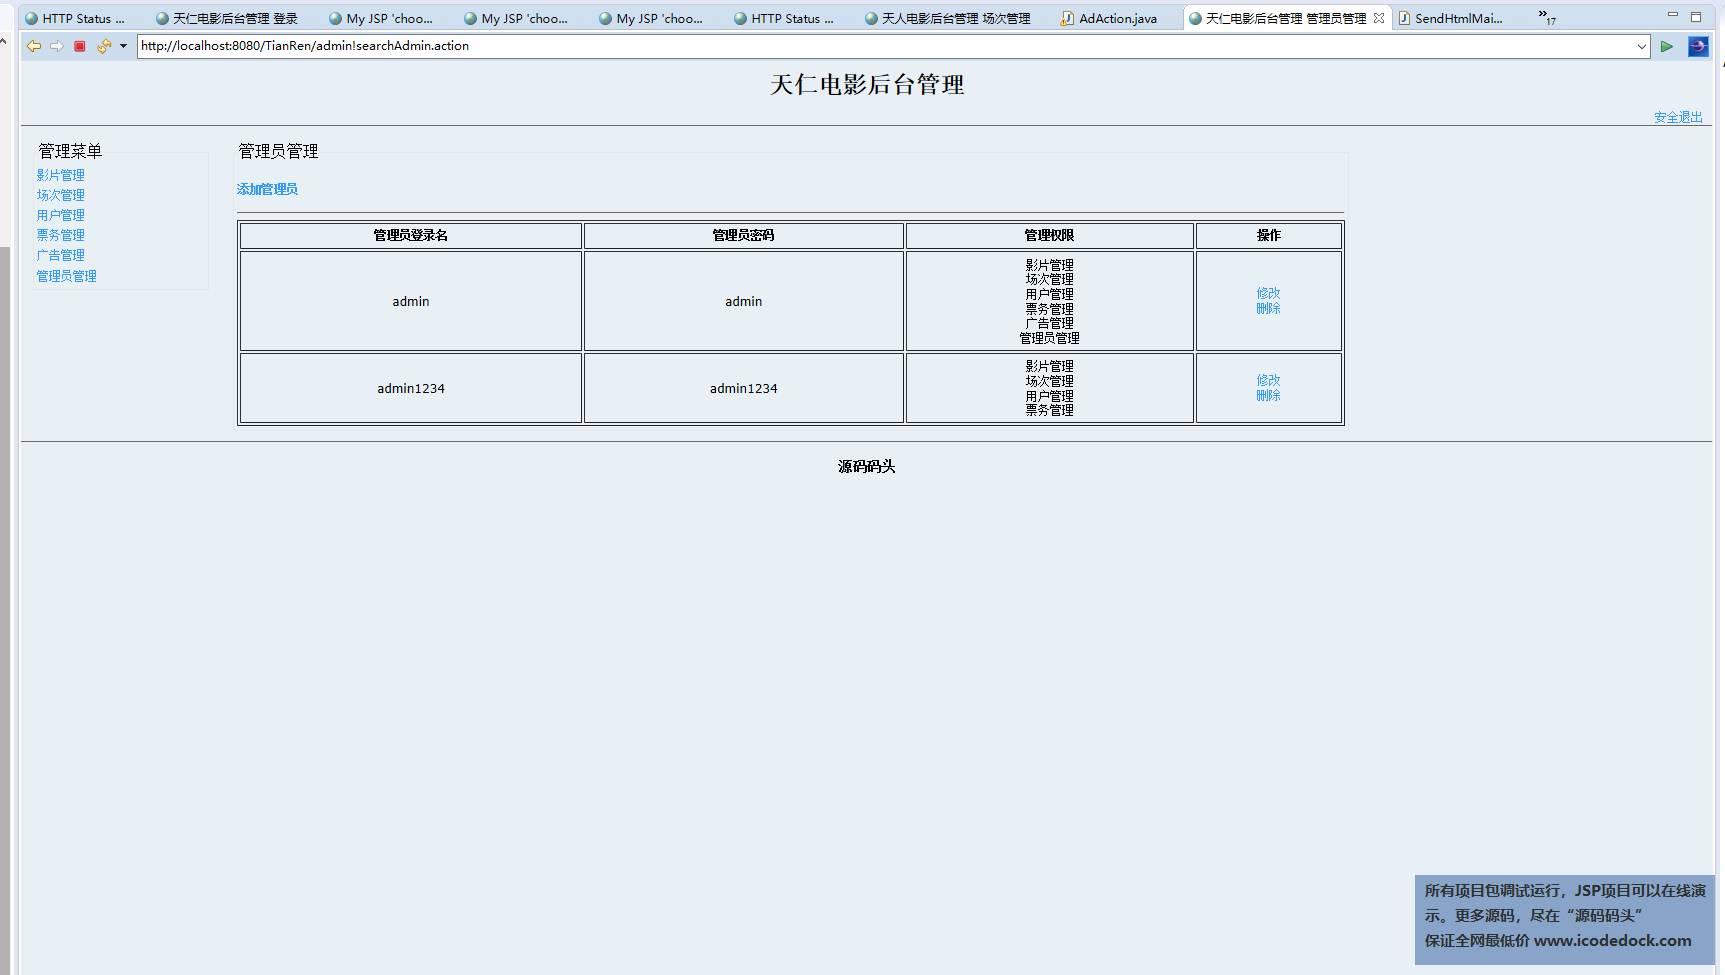 源码码头-SSH电影订票管理系统-管理员角色-管理员增删改查